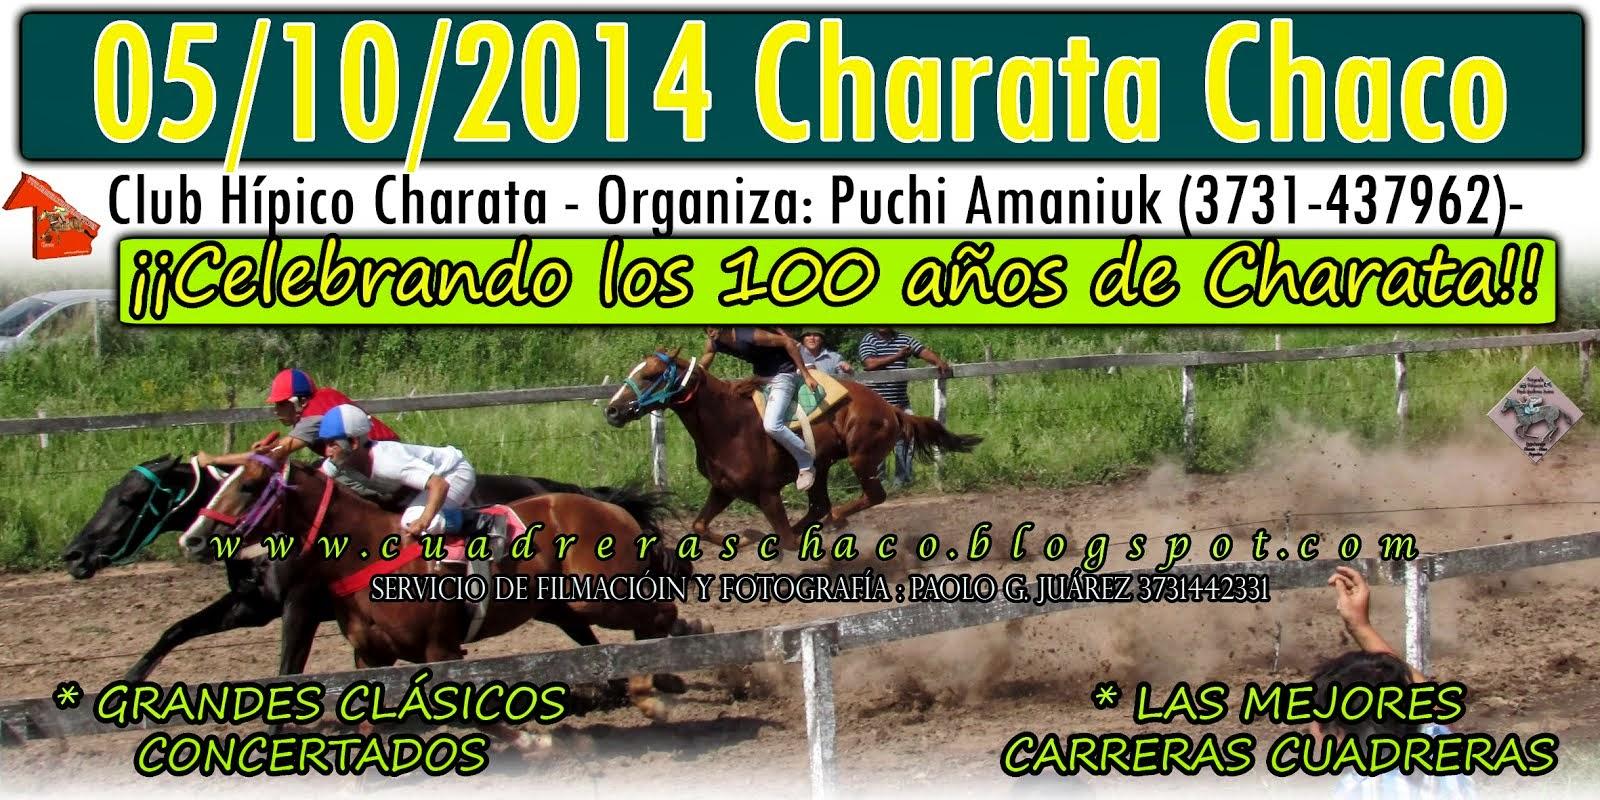 CHARATA 5-10